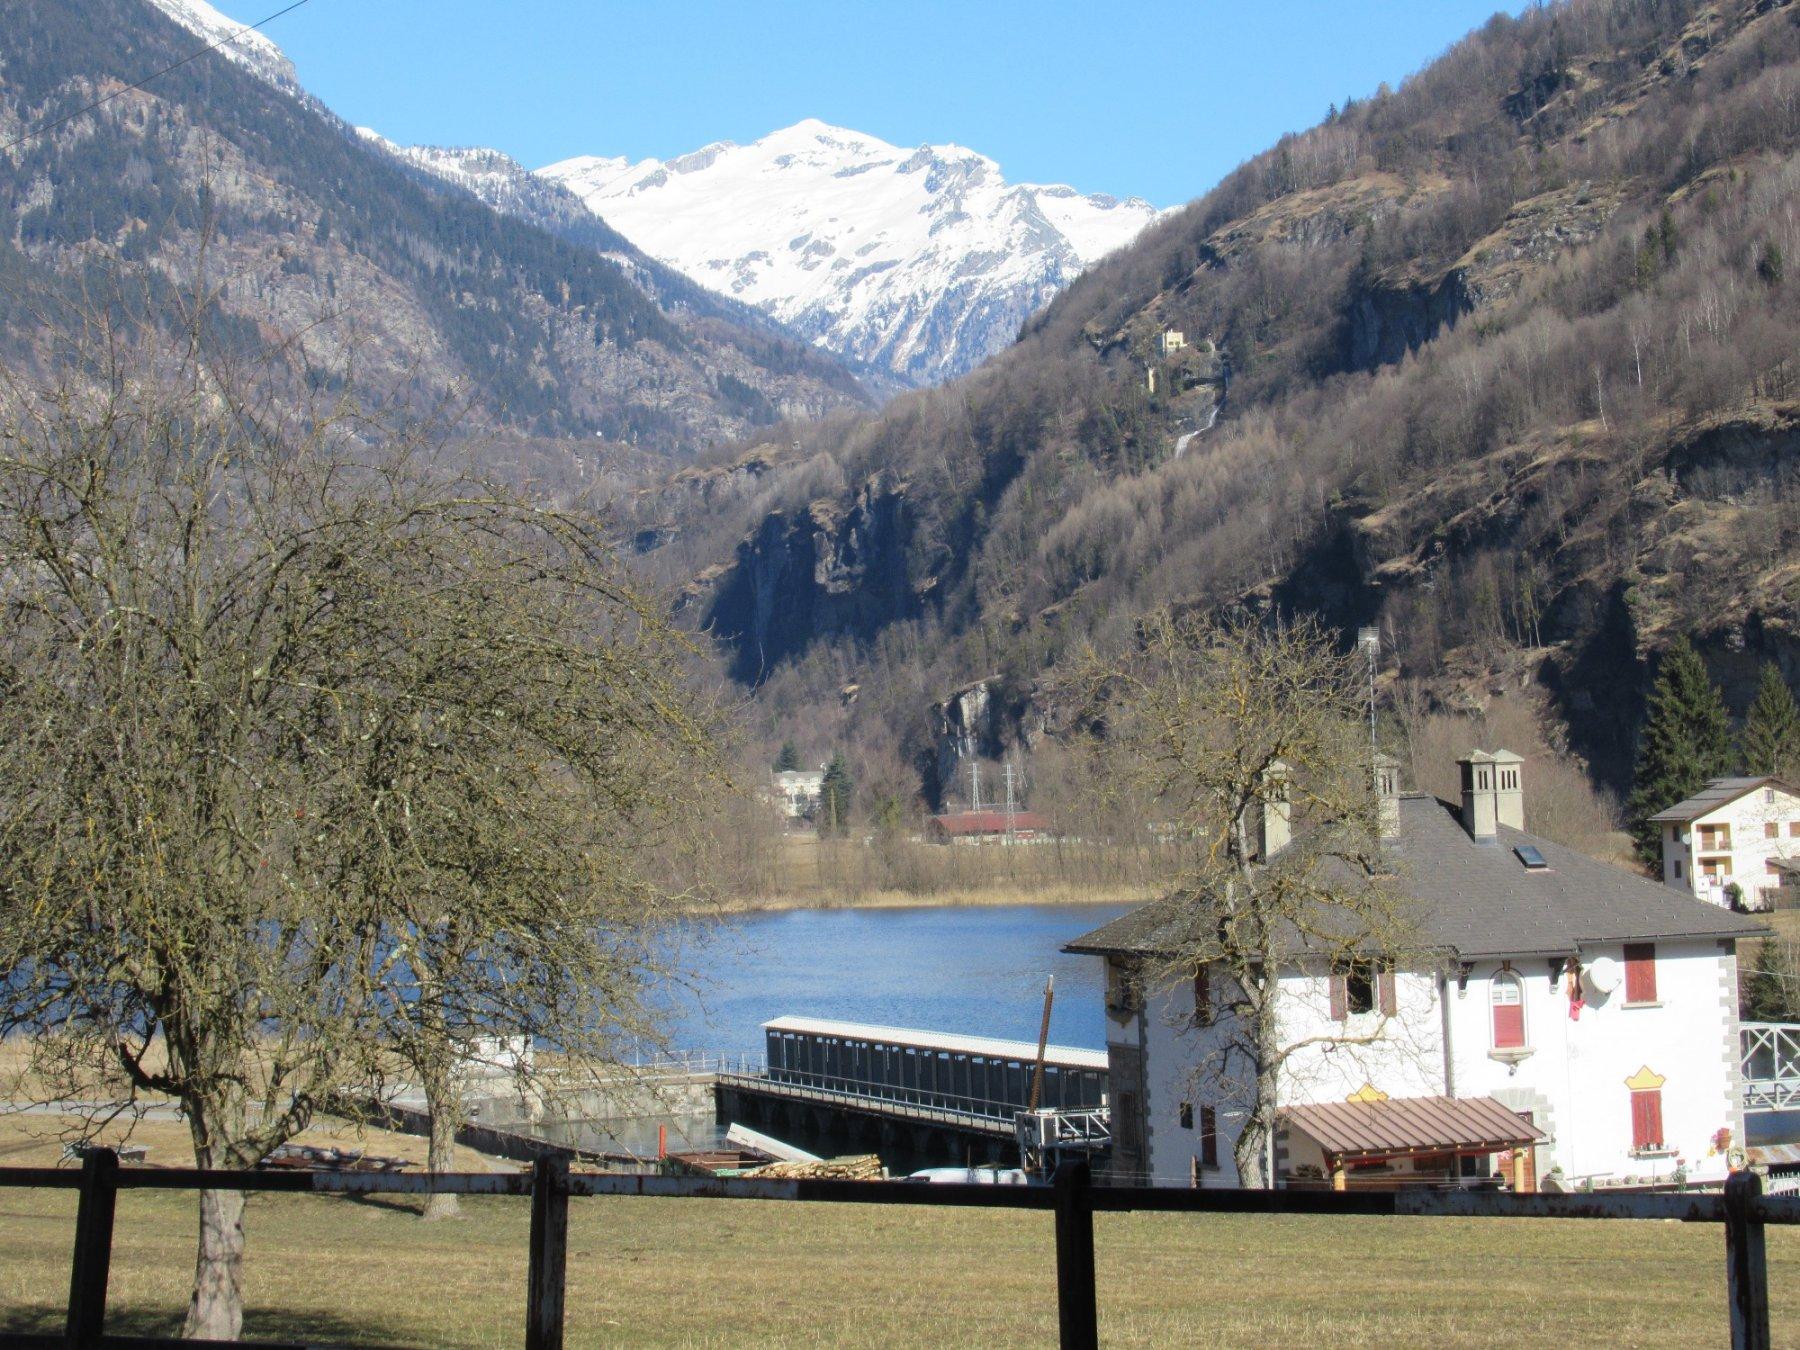 Baceno da Pontemaglio, Sbrinz Route 2019-02-18